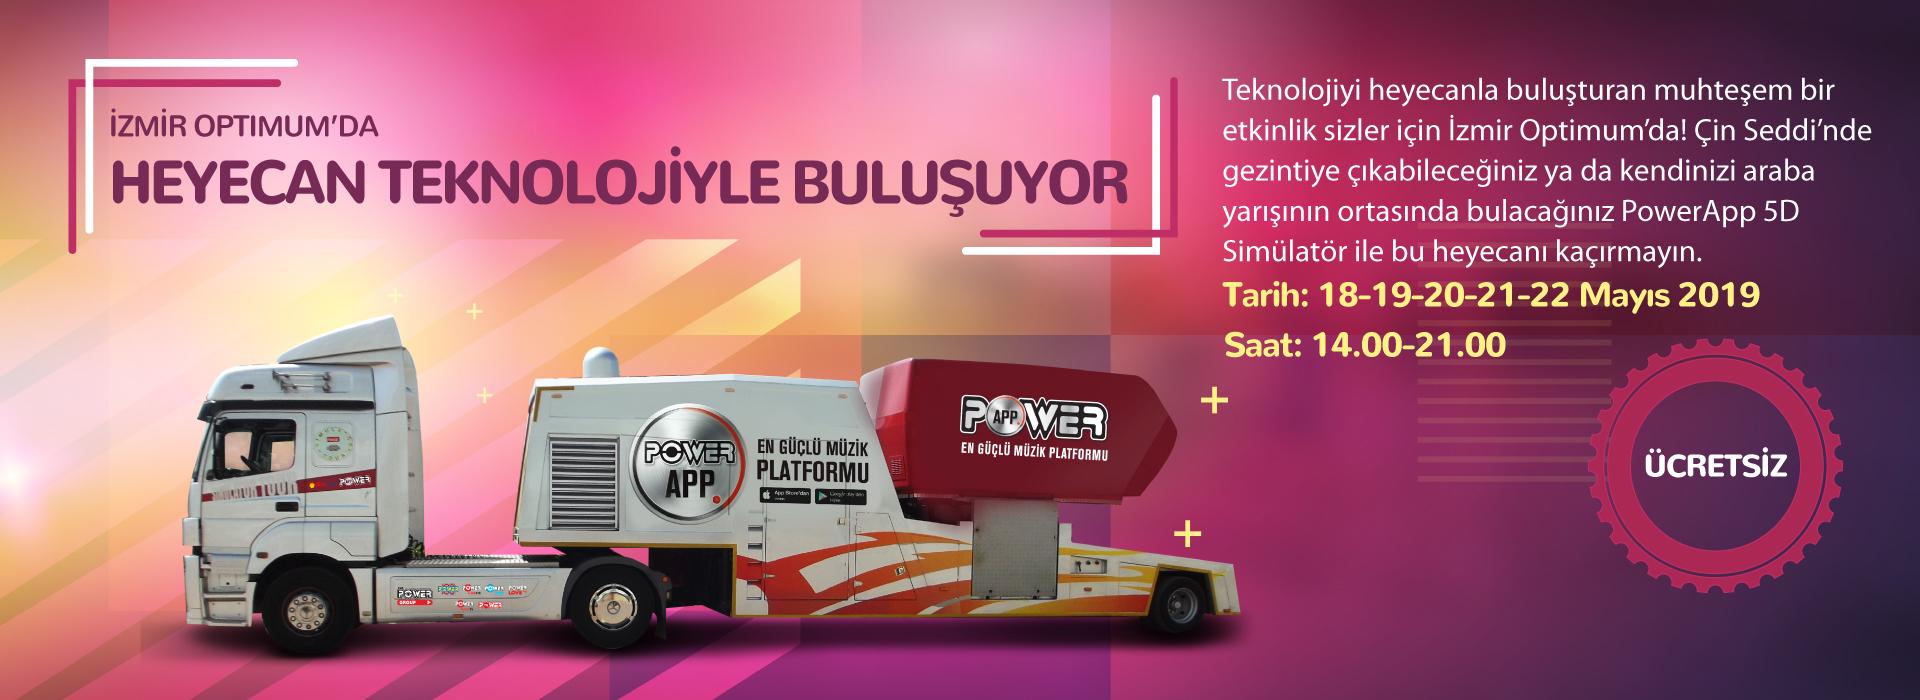 İzmir Optimum'da Heyecan Teknolojiyle Buluşuyor